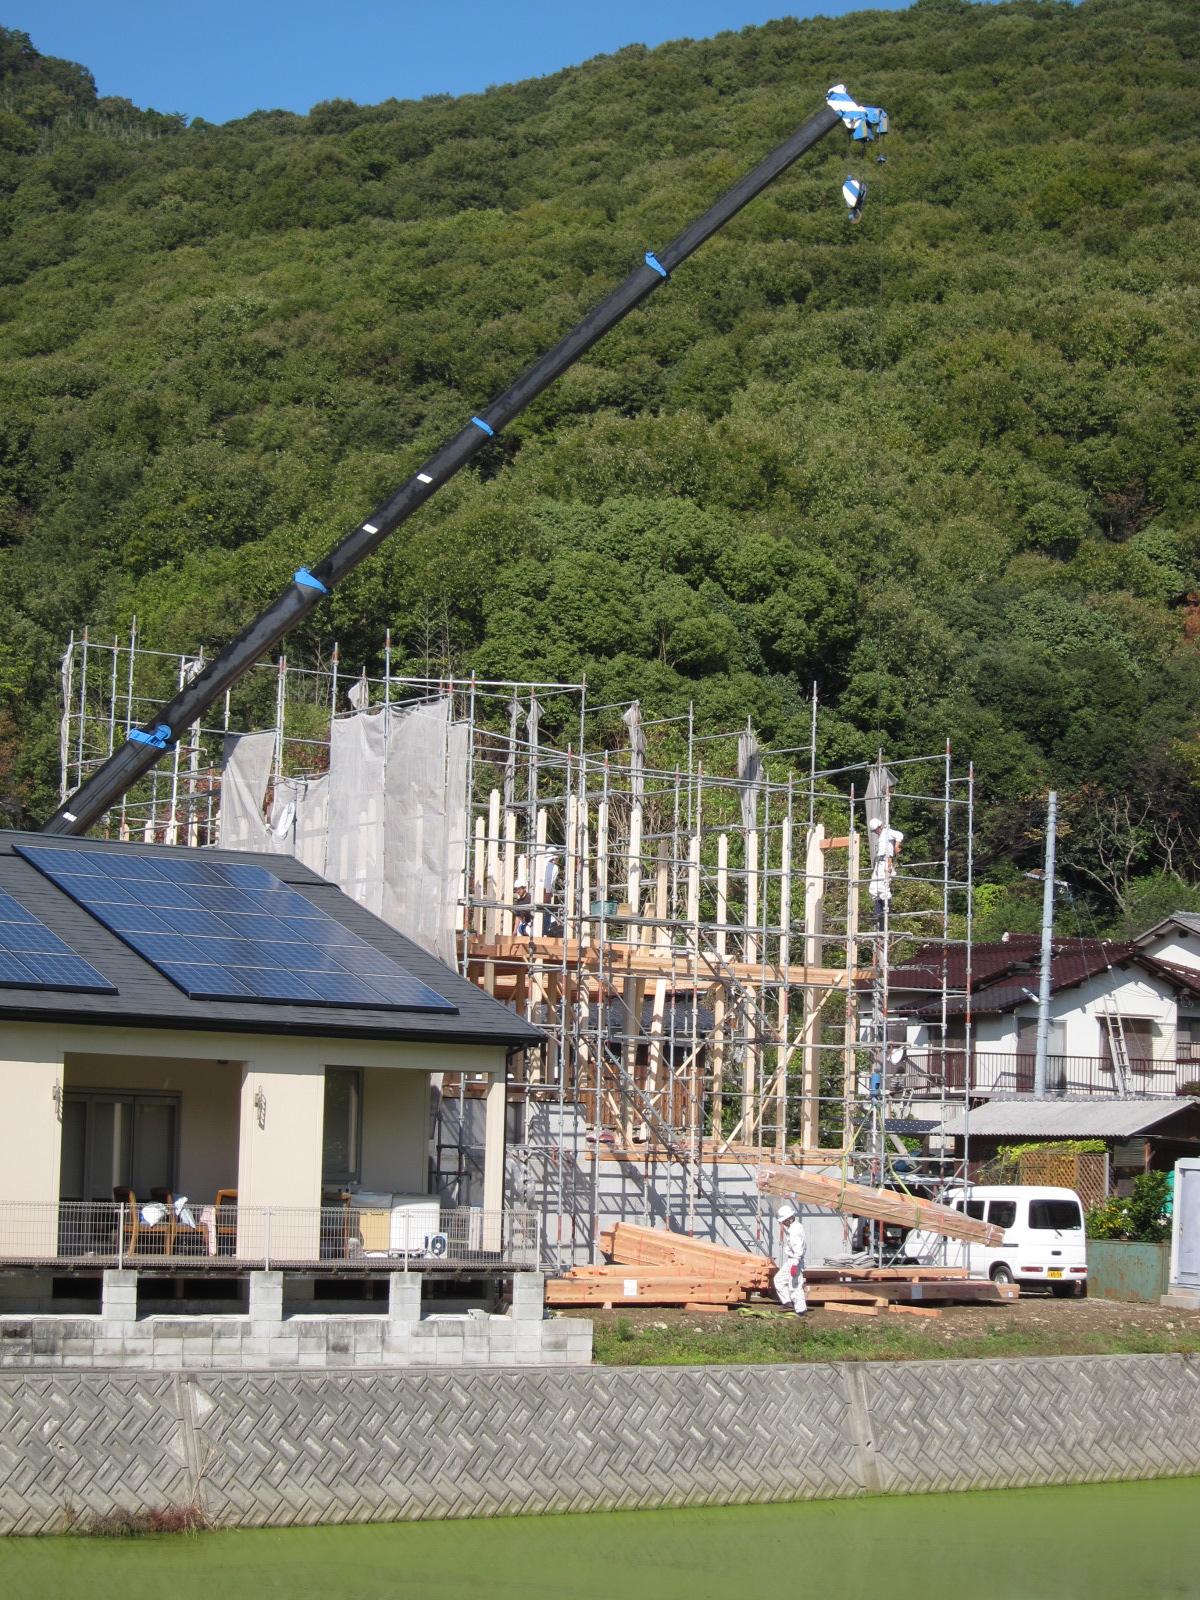 Japan dream house house raising for Japanese dream house